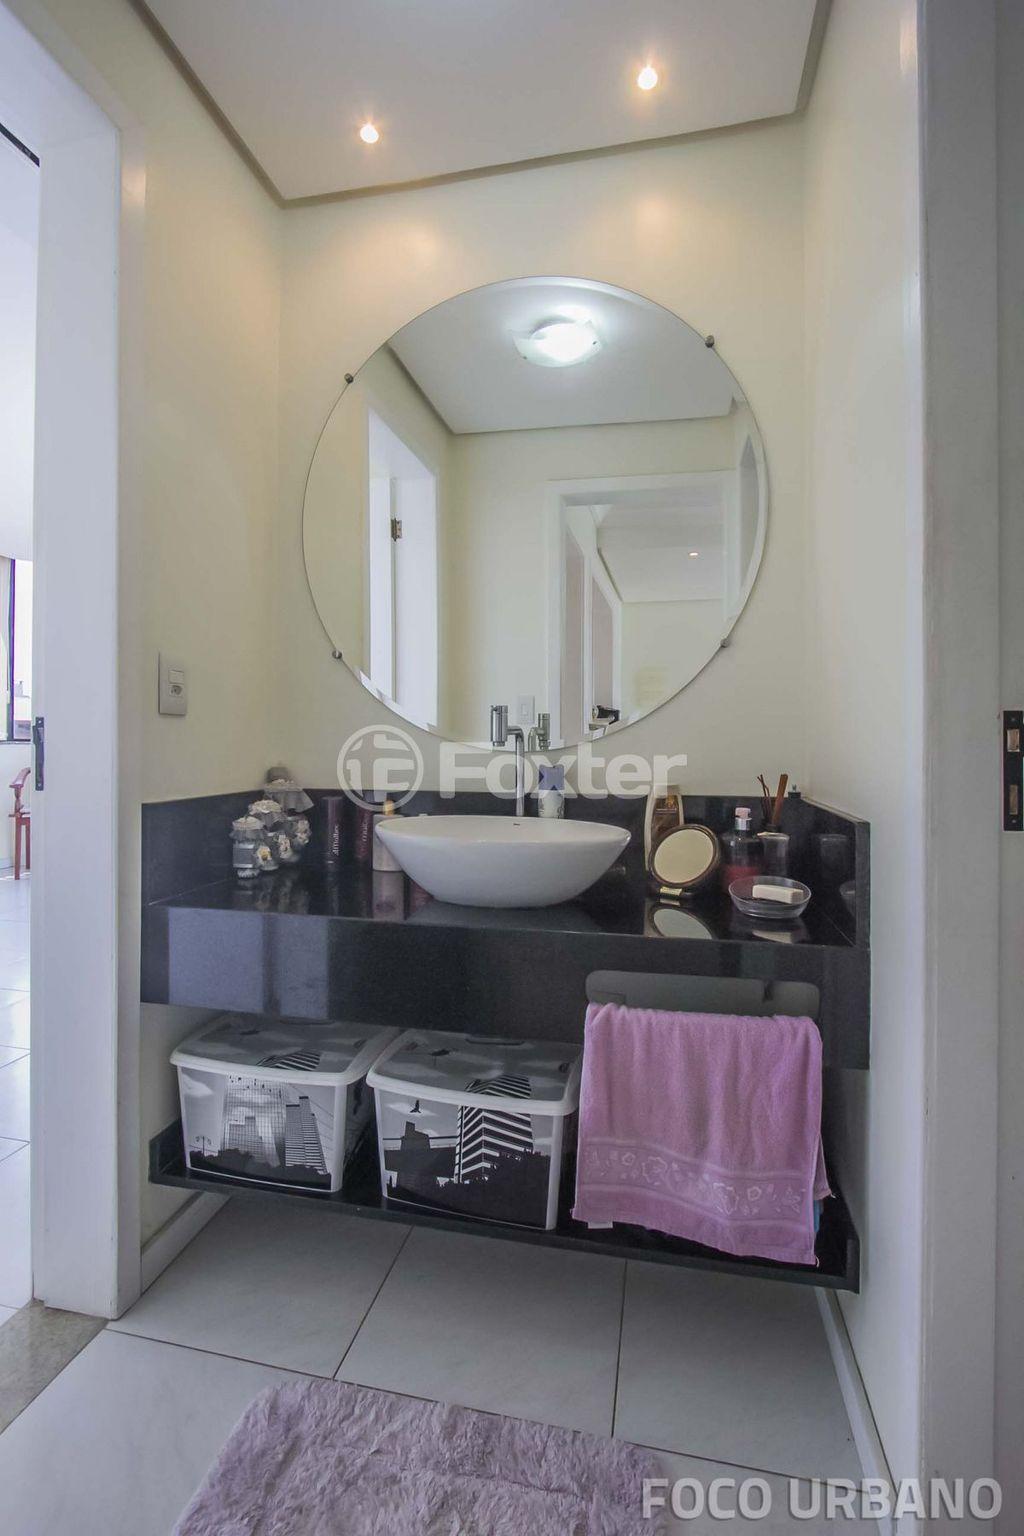 Foxter Imobiliária - Cobertura 3 Dorm (131617) - Foto 27